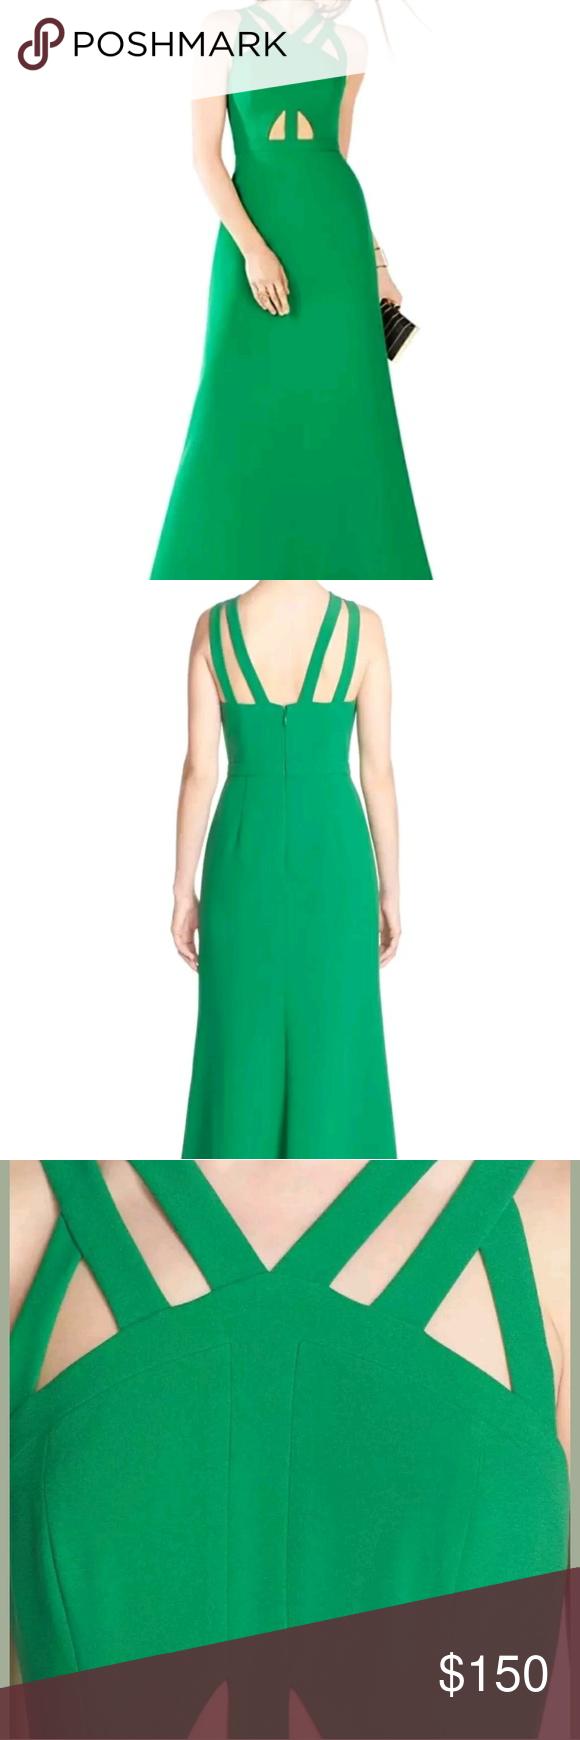 47++ Bcbg green cut out dress trends